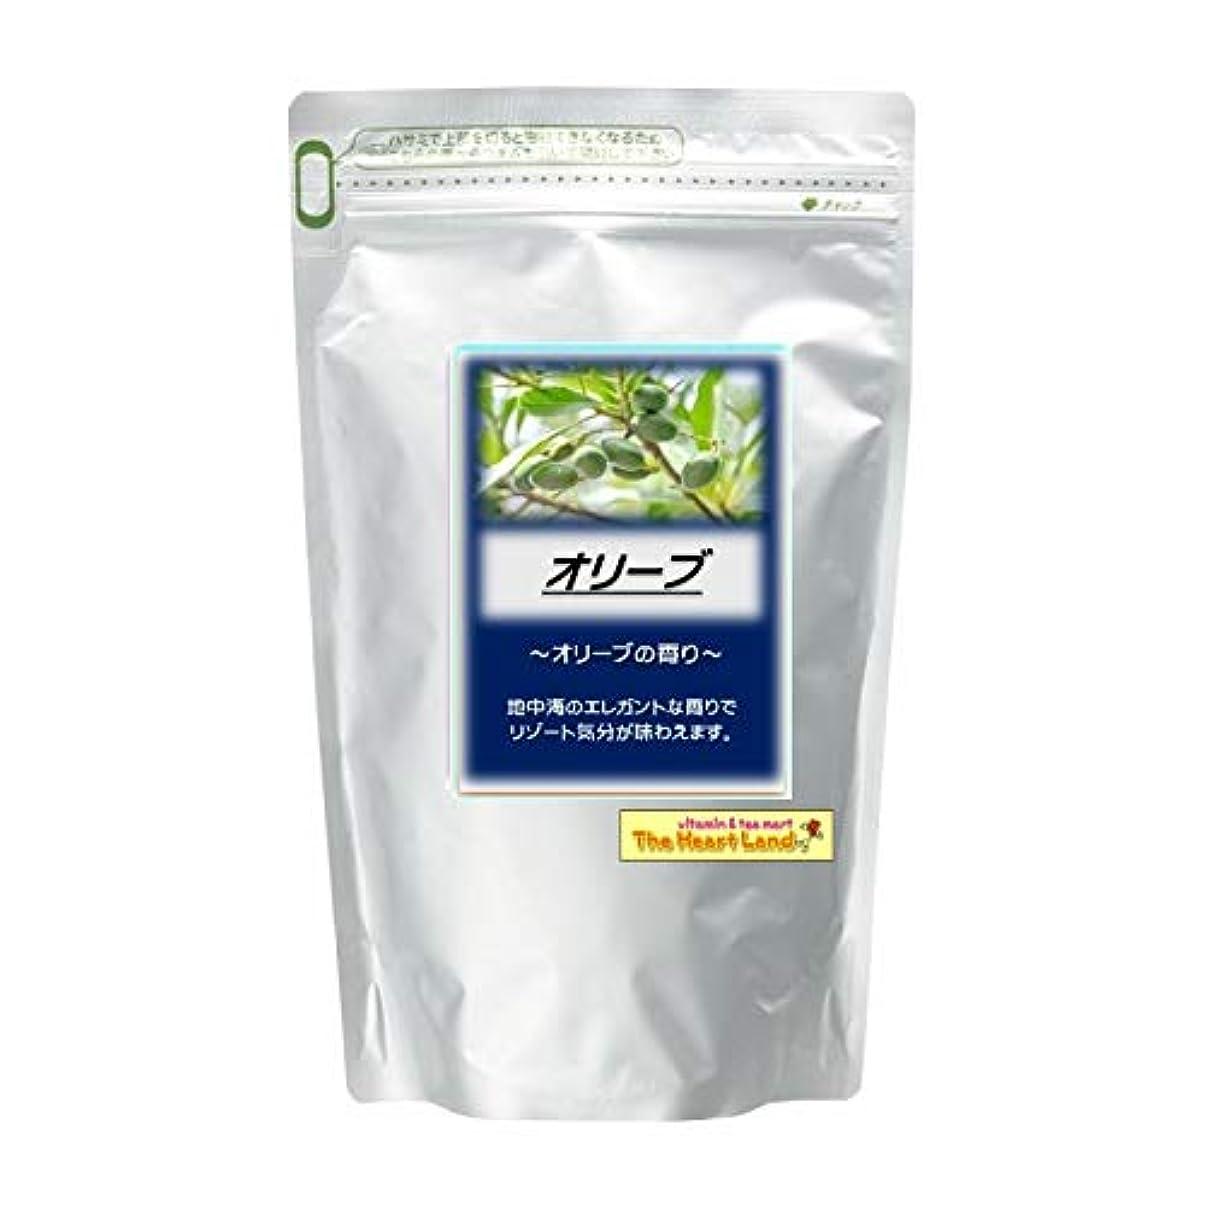 荷物コントラストトランクライブラリアサヒ入浴剤 浴用入浴化粧品 オリーブ 2.5kg